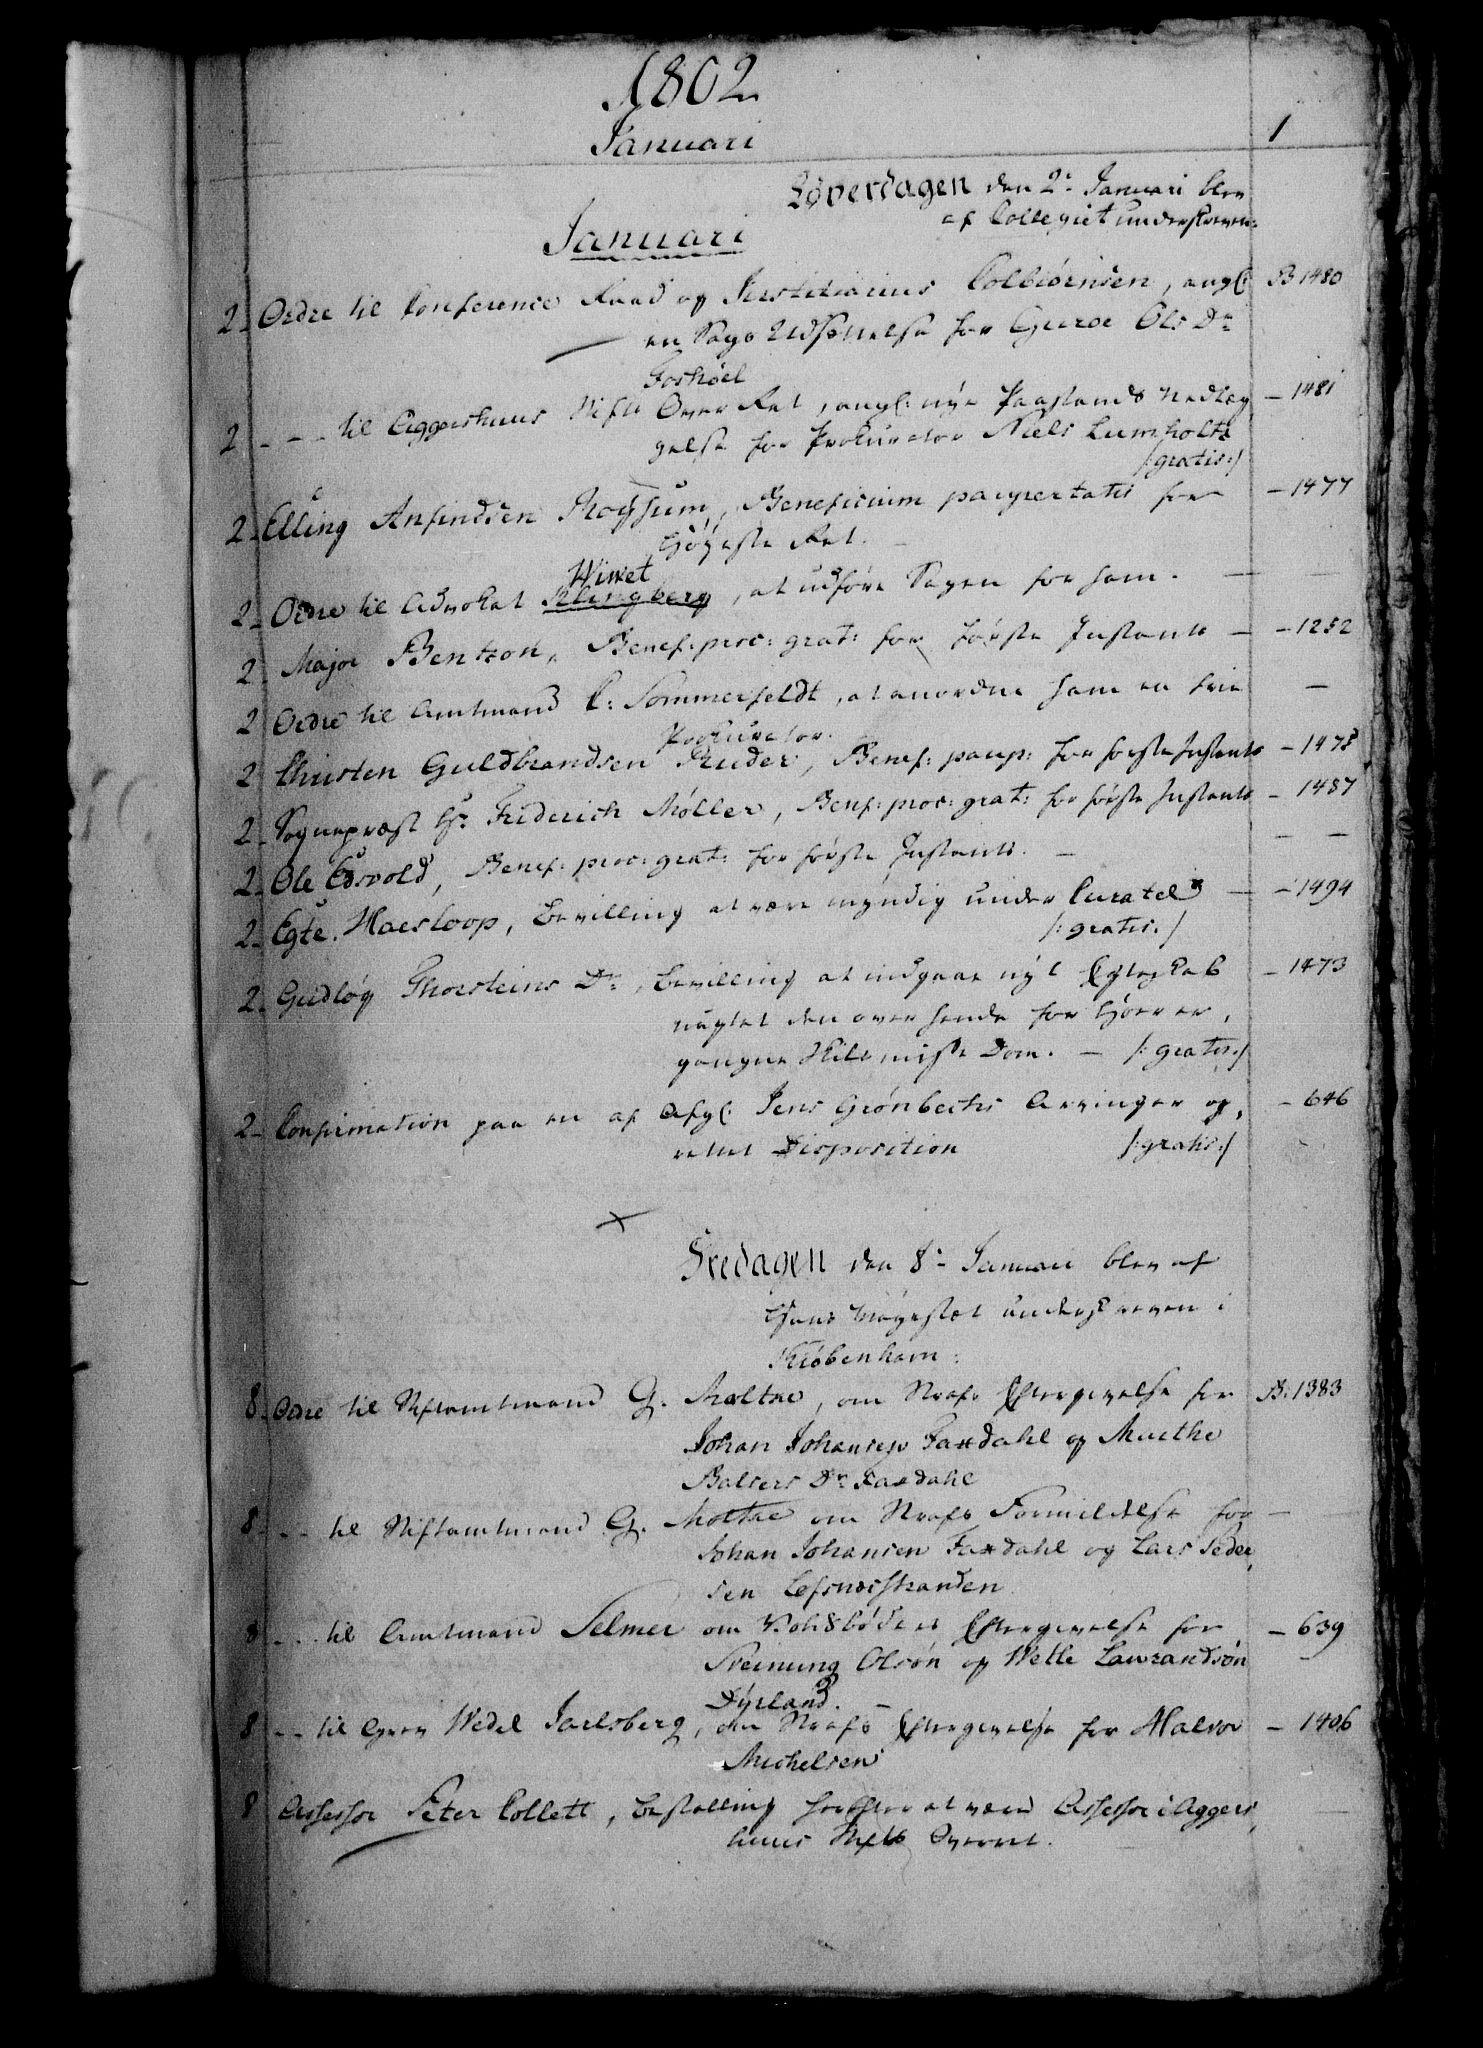 RA, Danske Kanselli 1800-1814, H/Hf/Hfb/Hfbc/L0003: Underskrivelsesbok m. register, 1802, s. 1